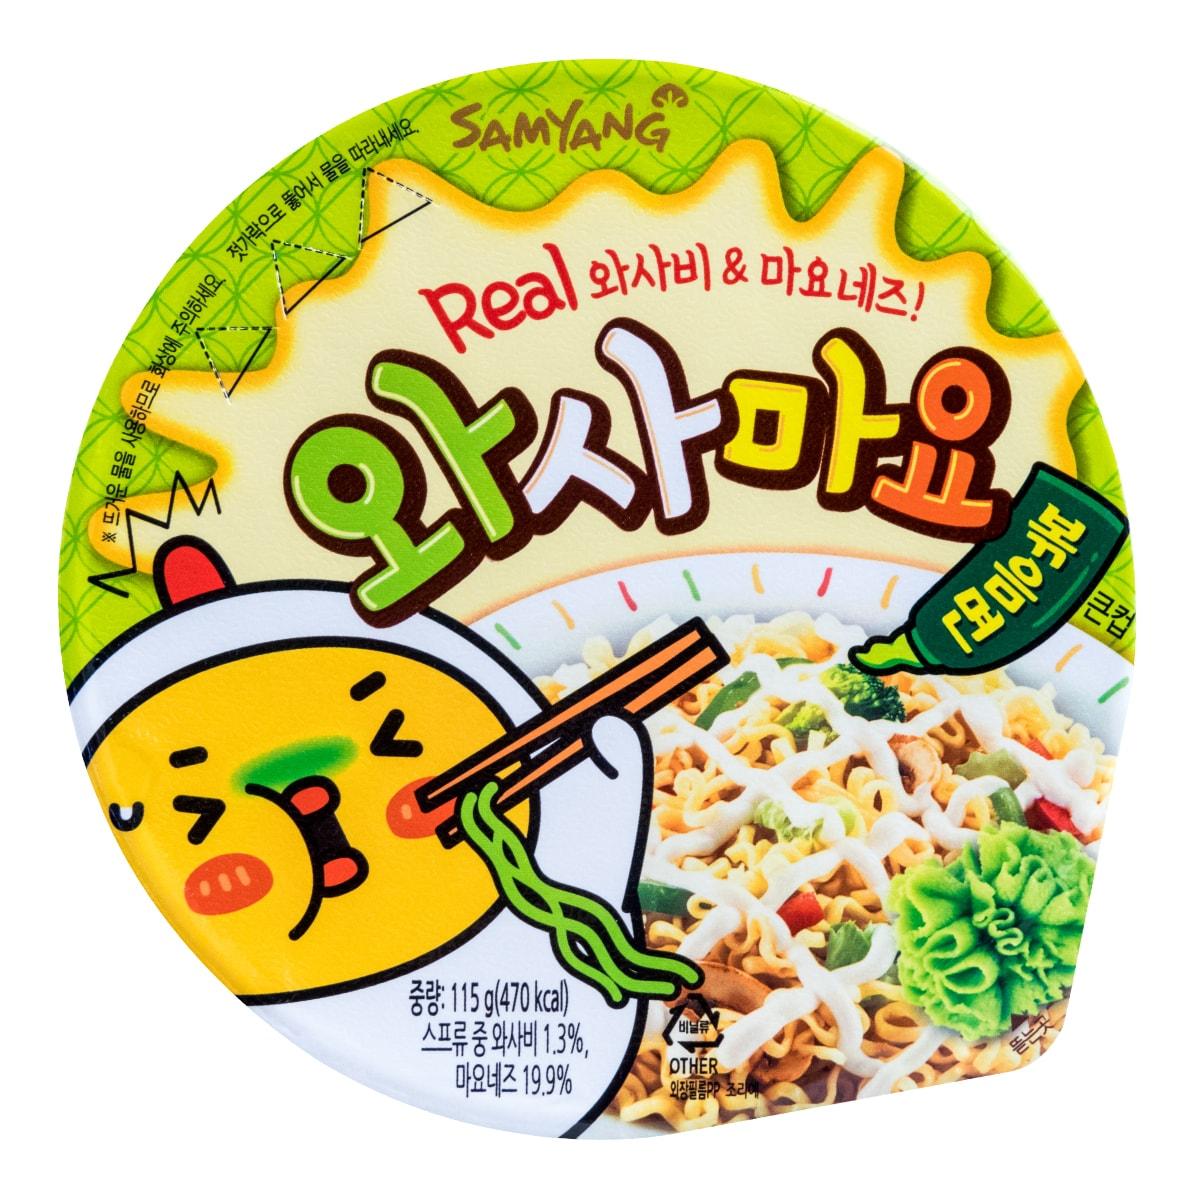 韩国SAMYANG三养 芥末蛋黄酱干拌面 碗面 115g